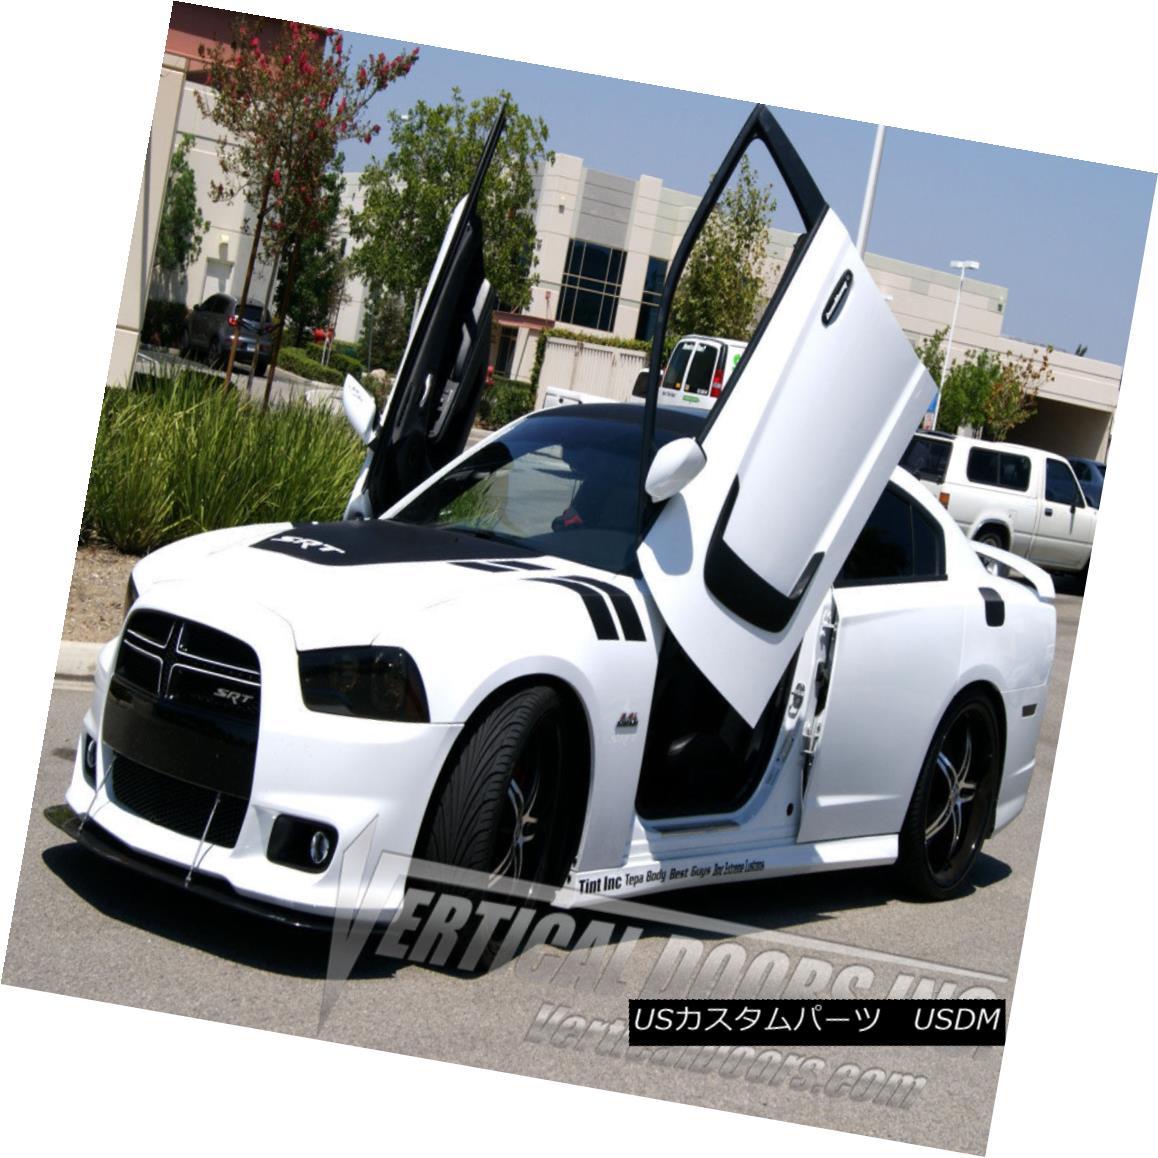 ガルウィングキット 2011-2016 Dodge Charger Bolt-on Vertical Doors Inc NO WELDING/ DIRECT BOLT-ON 2011-2016 Dodge Chargerボルトオン式垂直ドアInc溶接/直接ボルトオン